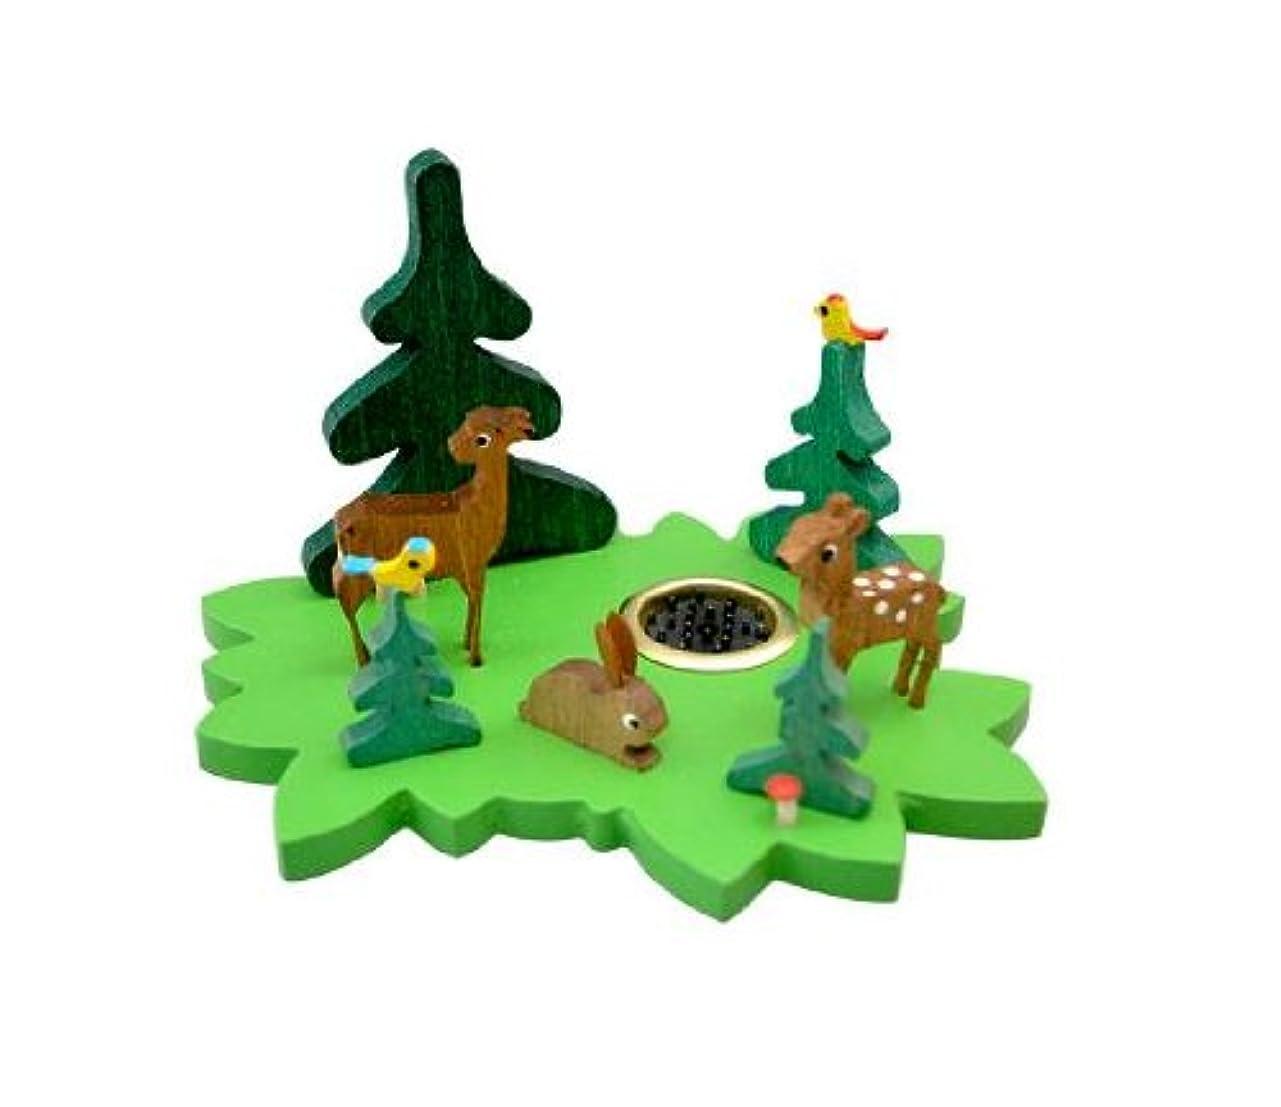 インサート神社実装するインセンススタンド 森の動物 グリーン